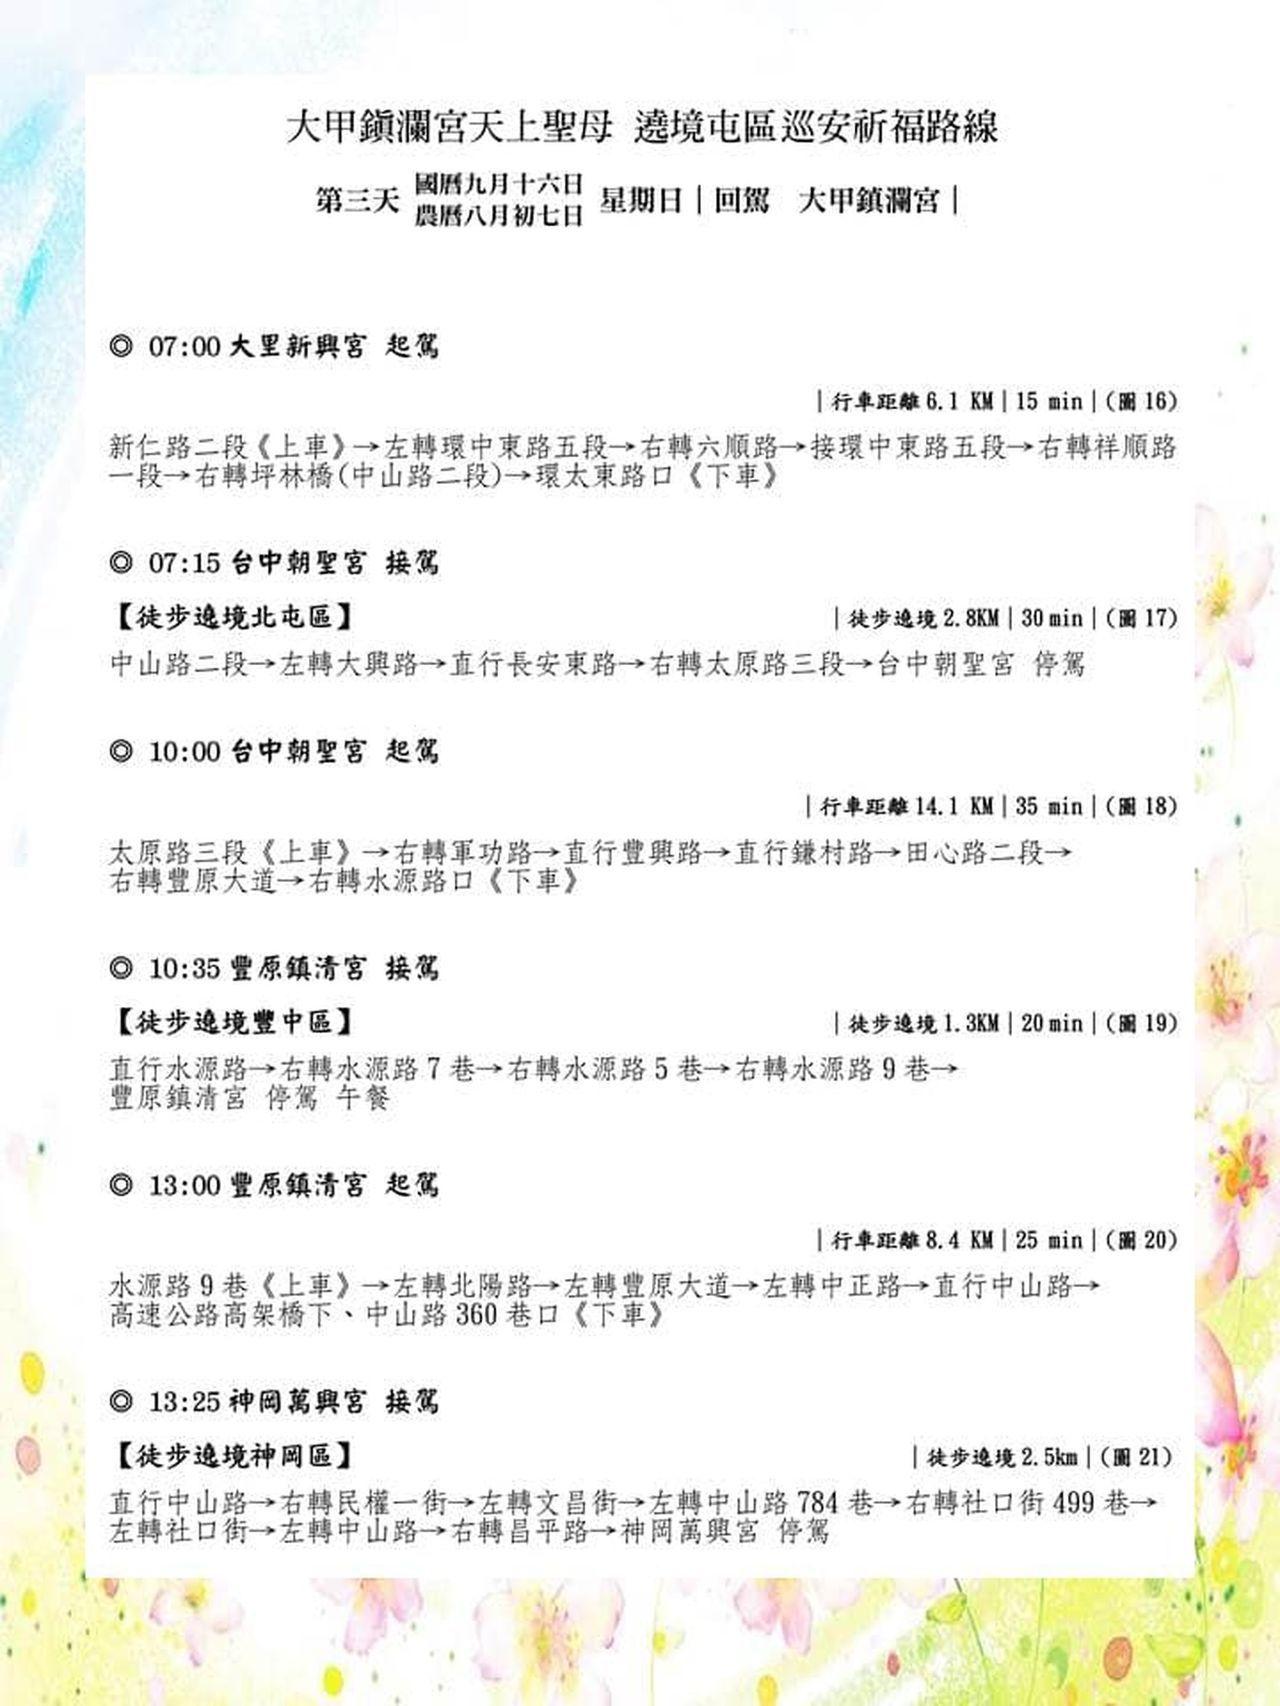 大甲媽3天2夜「遶境屯區巡安祈福」活動行程表。圖/翻攝自臉書「大甲鎮瀾宮」